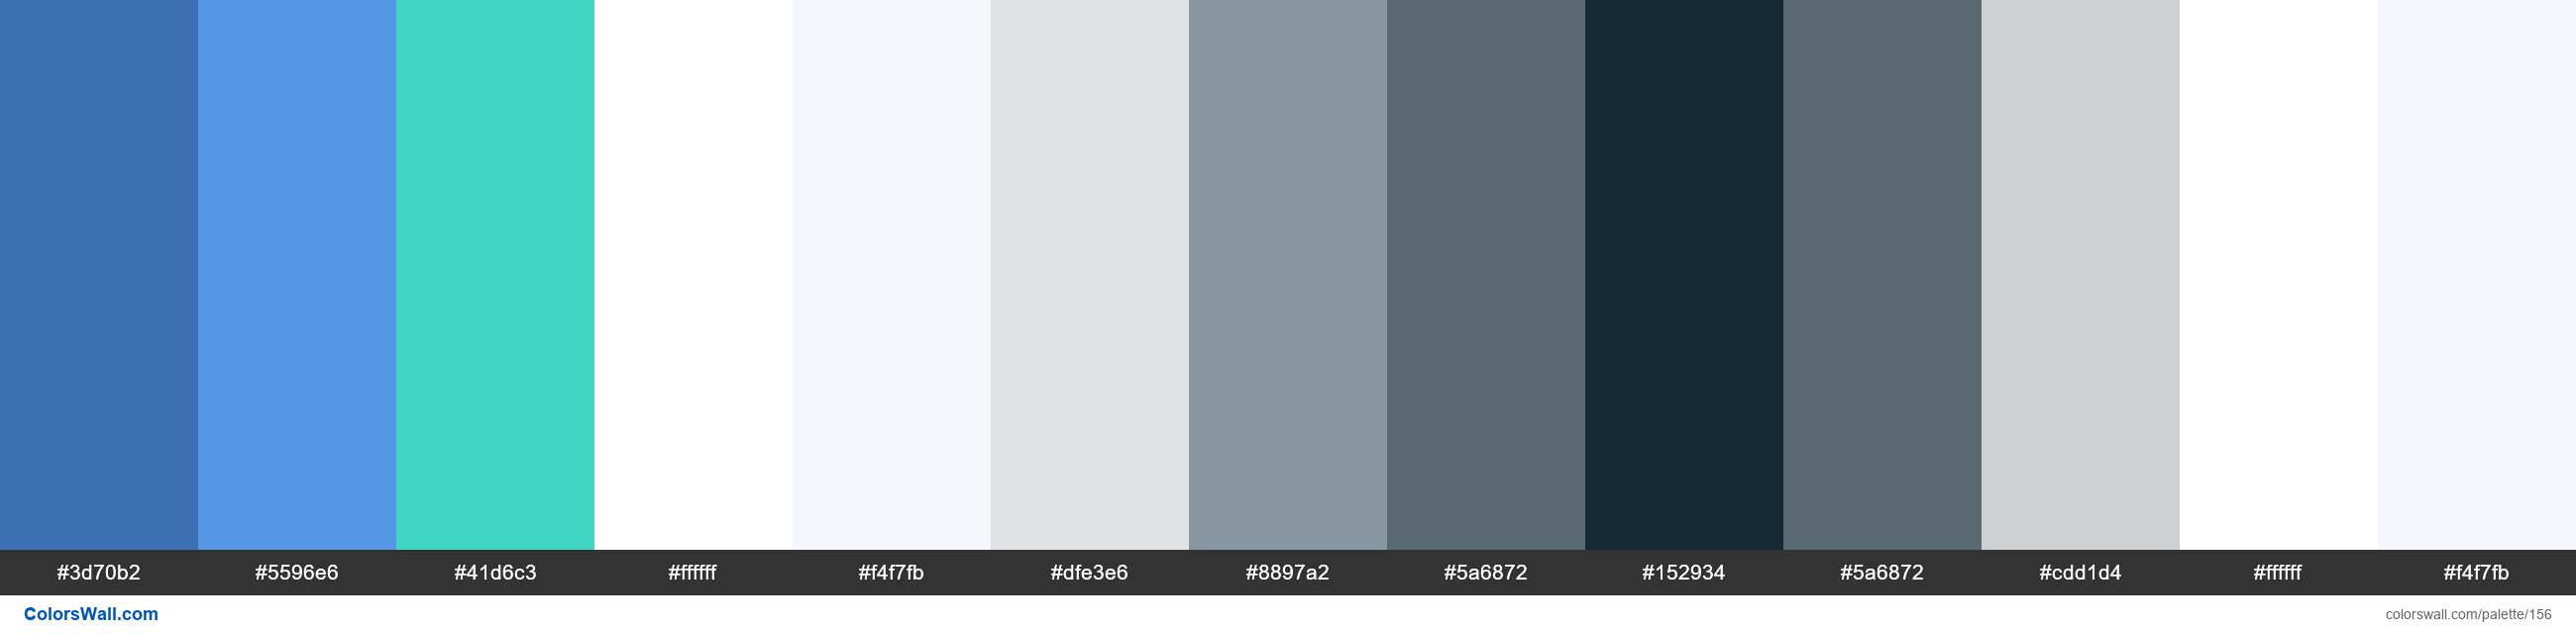 Carbon default theme colors palette - #156